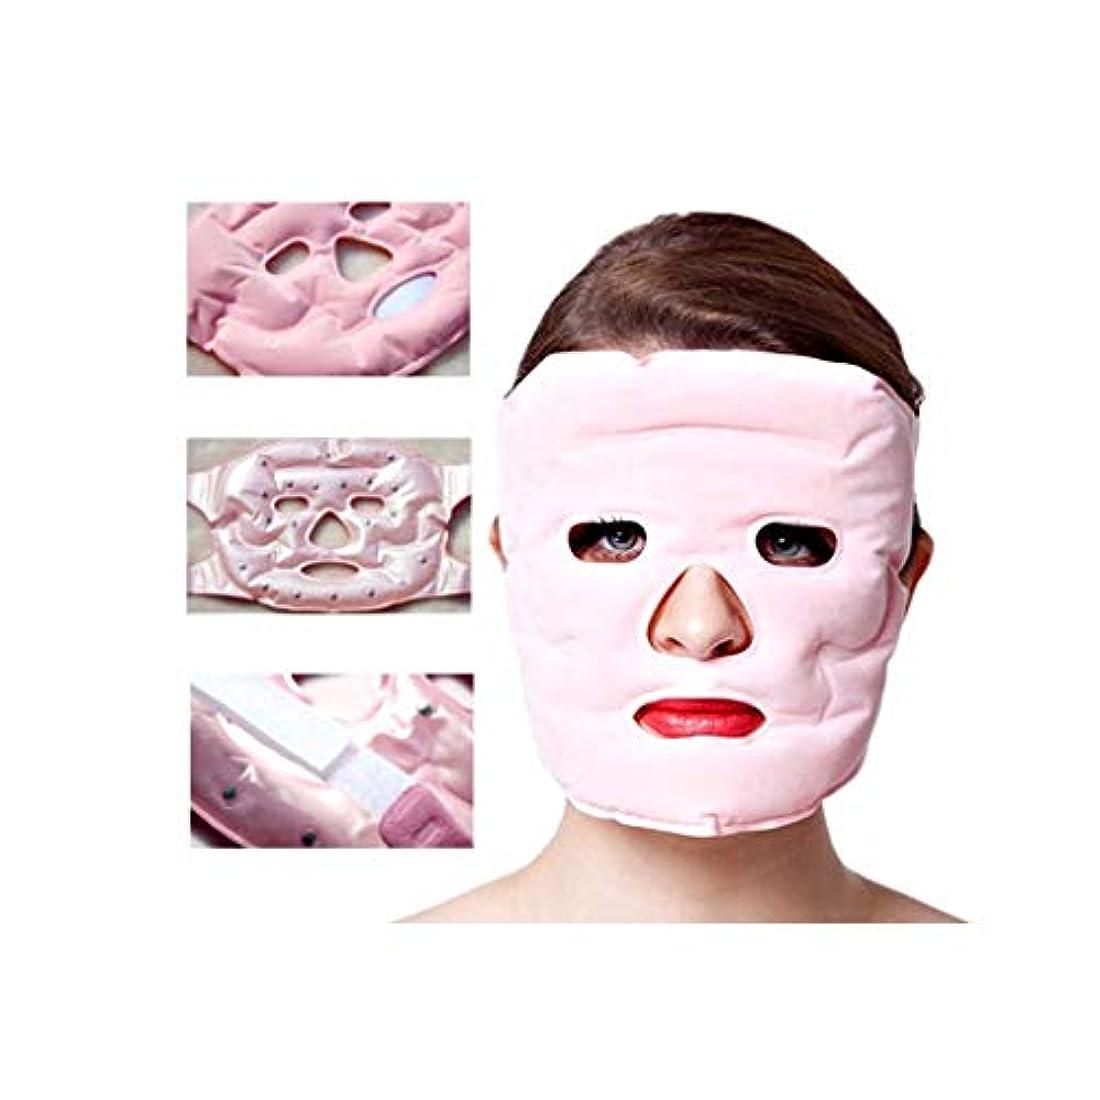 サーバント政治家の特殊XHLMRMJ フェイシャルスリミング、Vフェイスマスク、フェイスリフティングビューティーマスク、磁気療法リフティングフェイス、肌の状態を改善するための肌の頬の引き締め